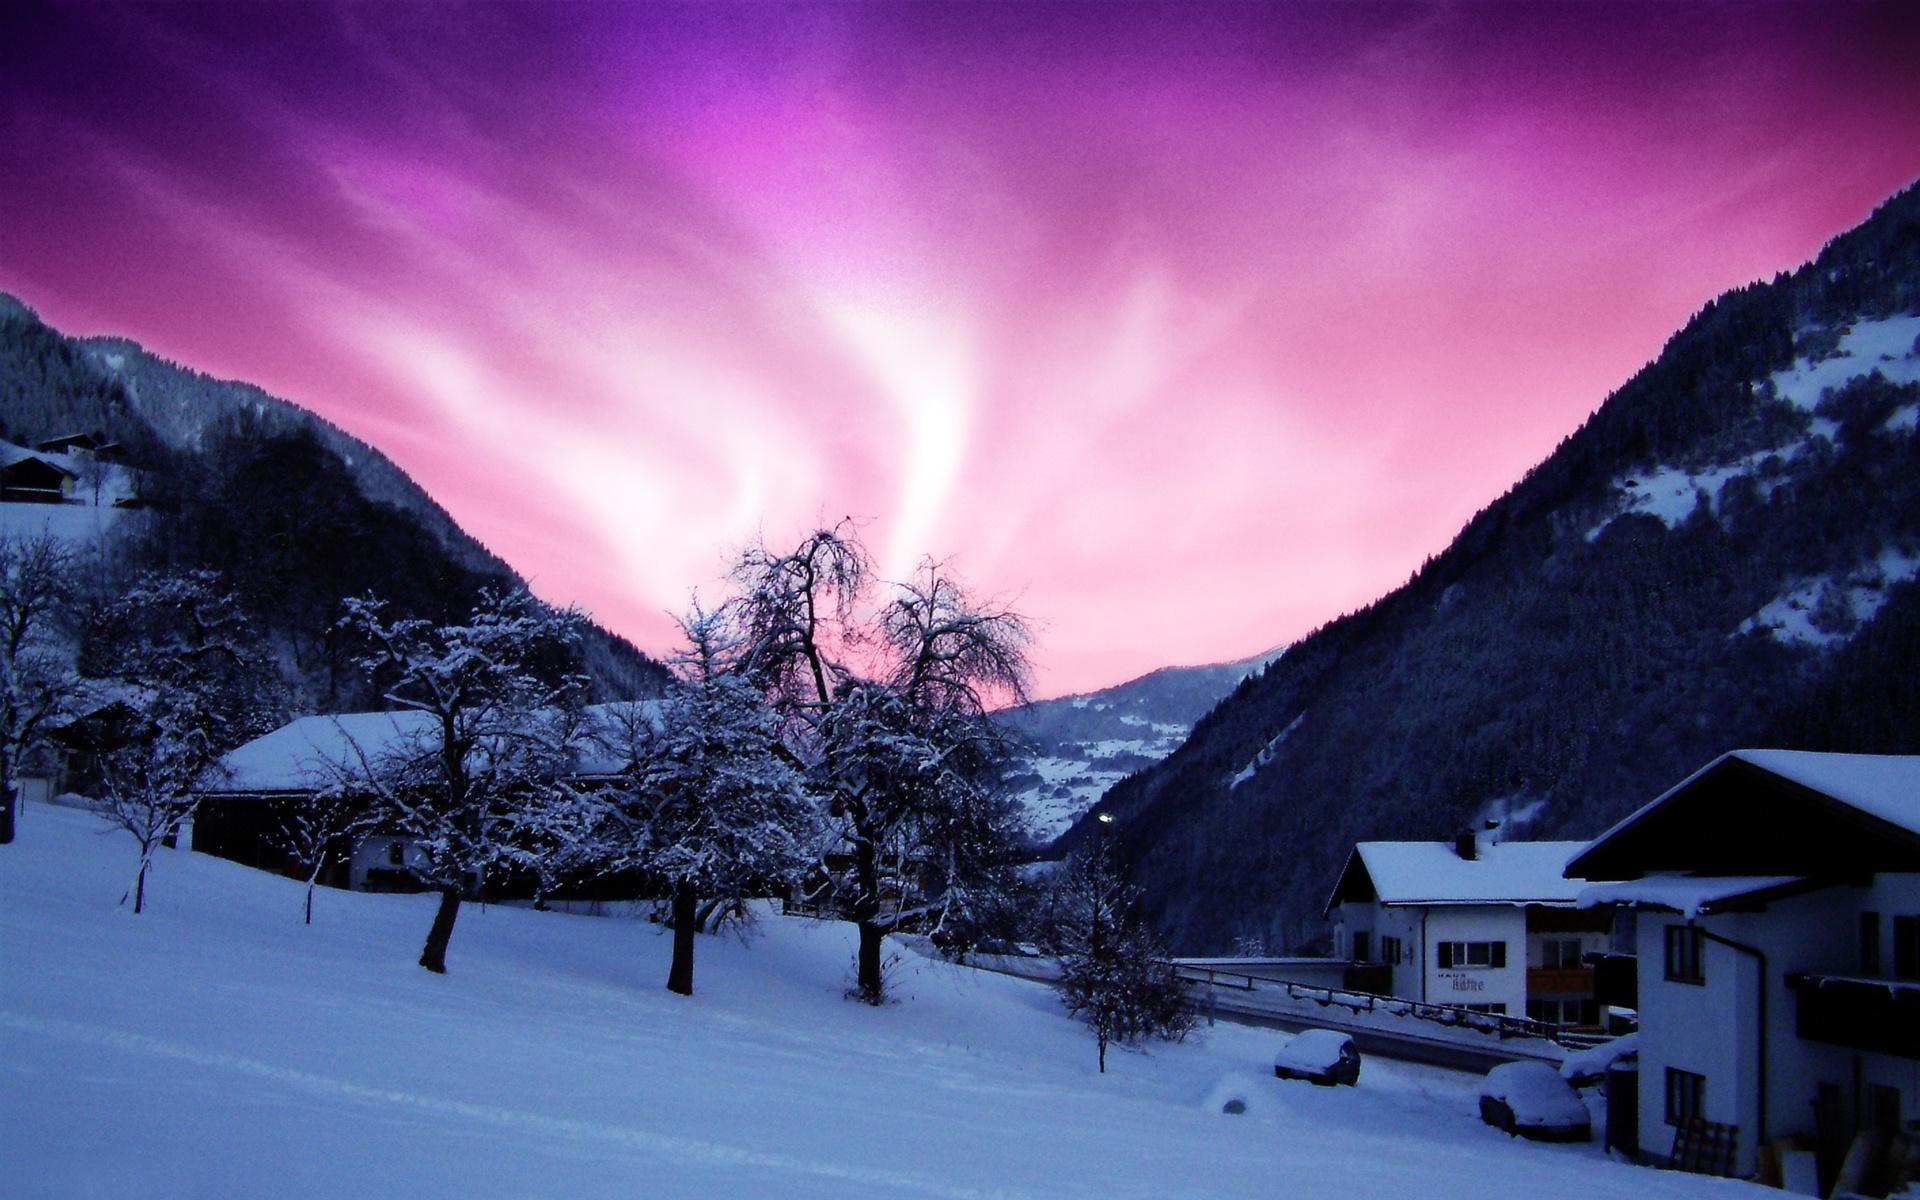 Холодная зима дом снег обои 1920x1200